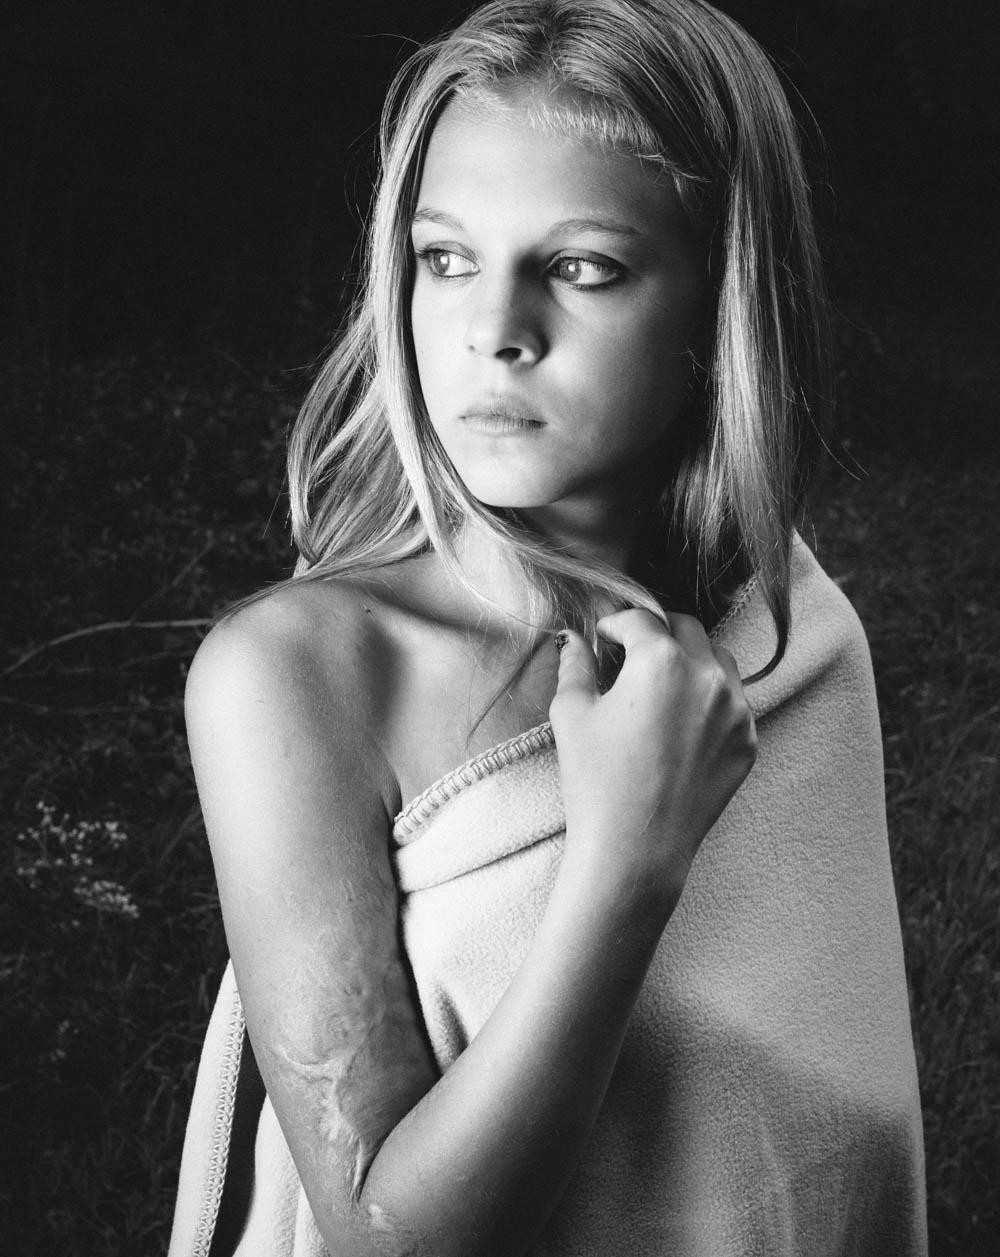 savonah-burn-scar-portrait-8108travis-dewitz